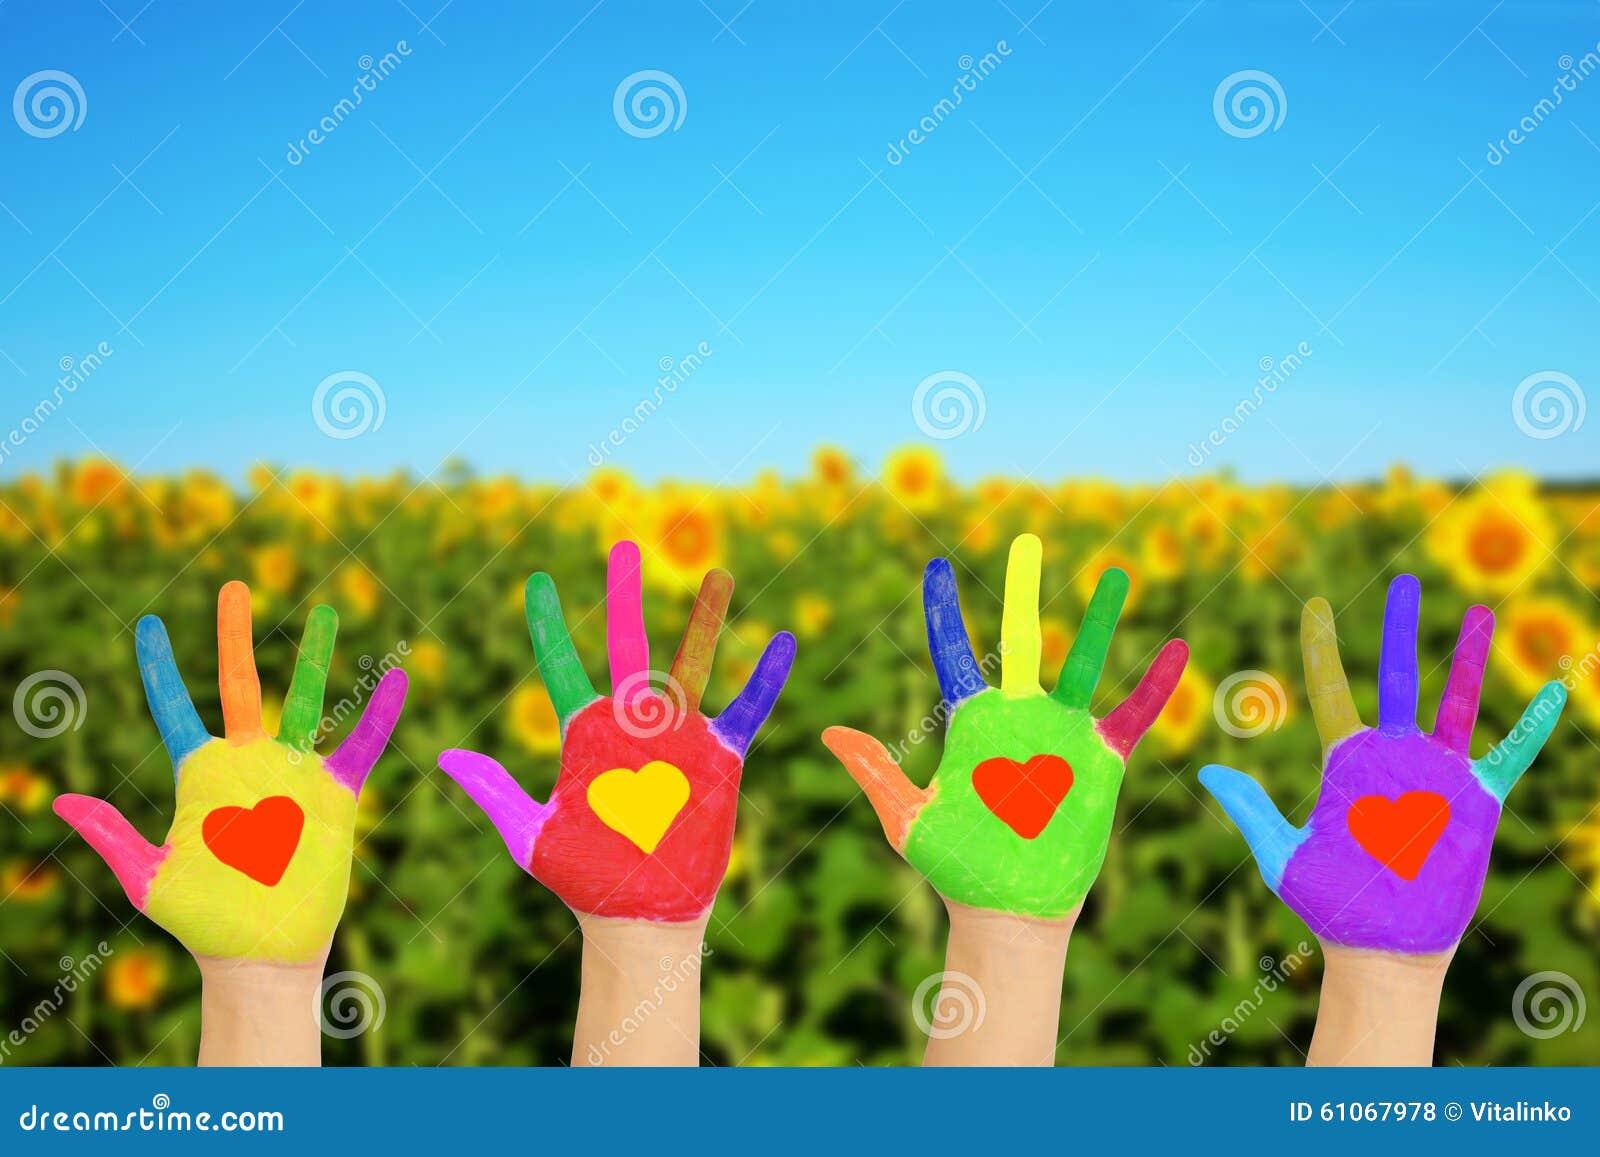 Mains avec des coeurs, concept écologique